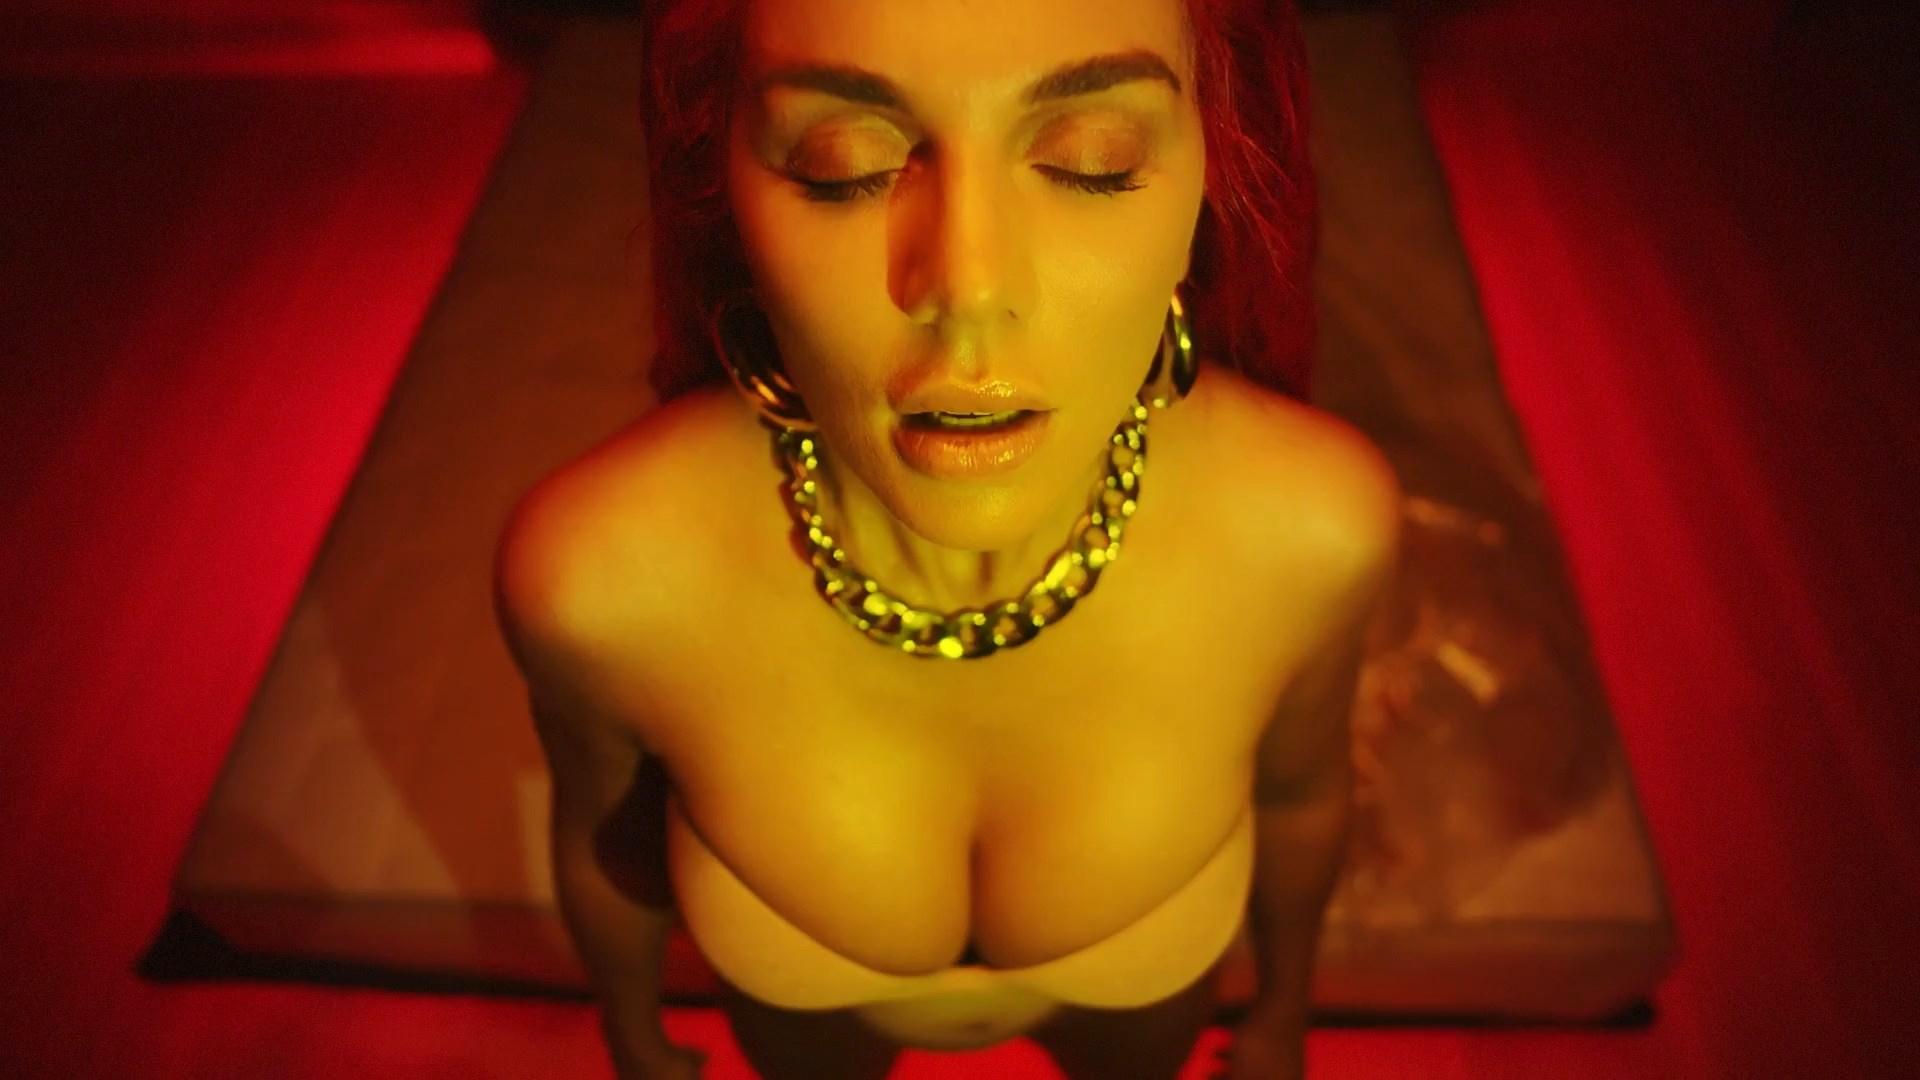 Эротика с анной седоковой, Сексуальная брюнетка Анна Седокова » Эротика фото 18 фотография